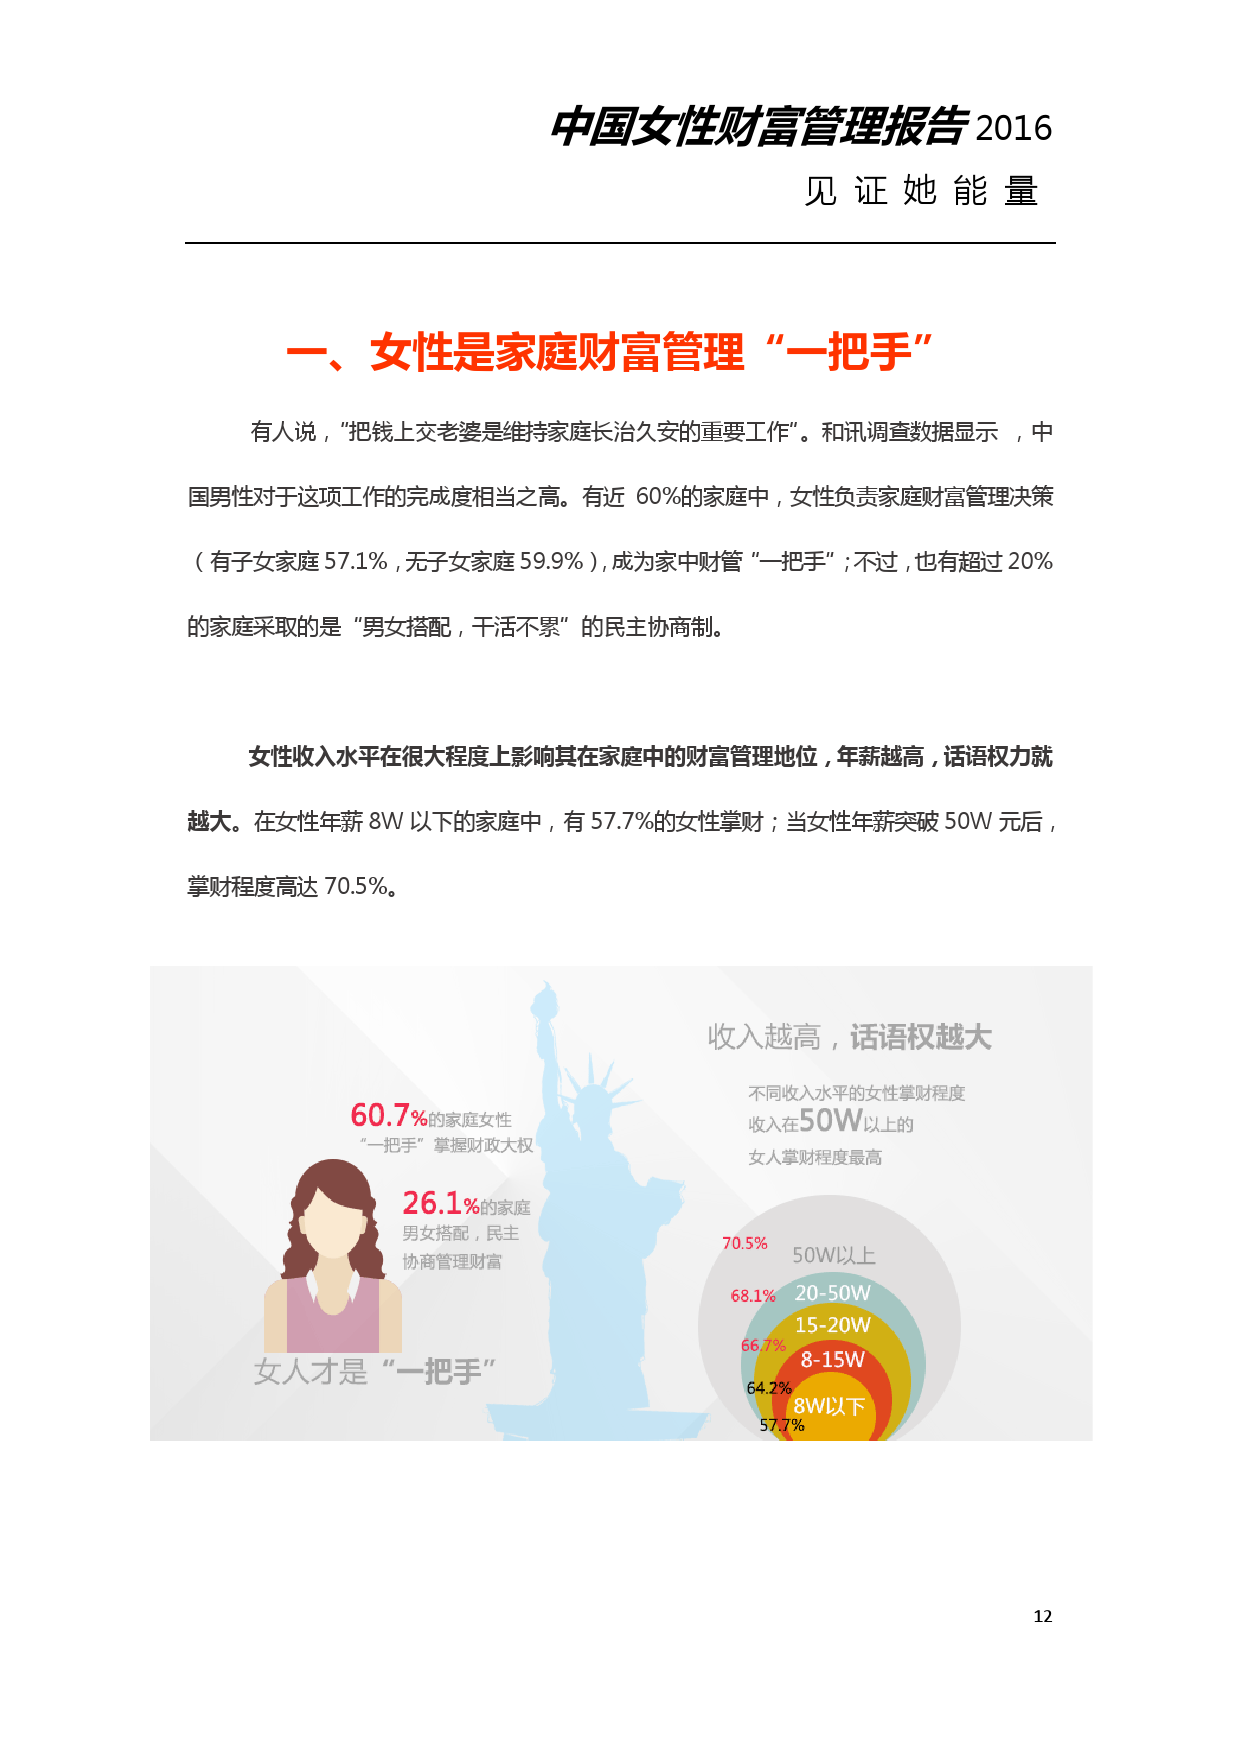 2016年中国女性财富管理报告_000012